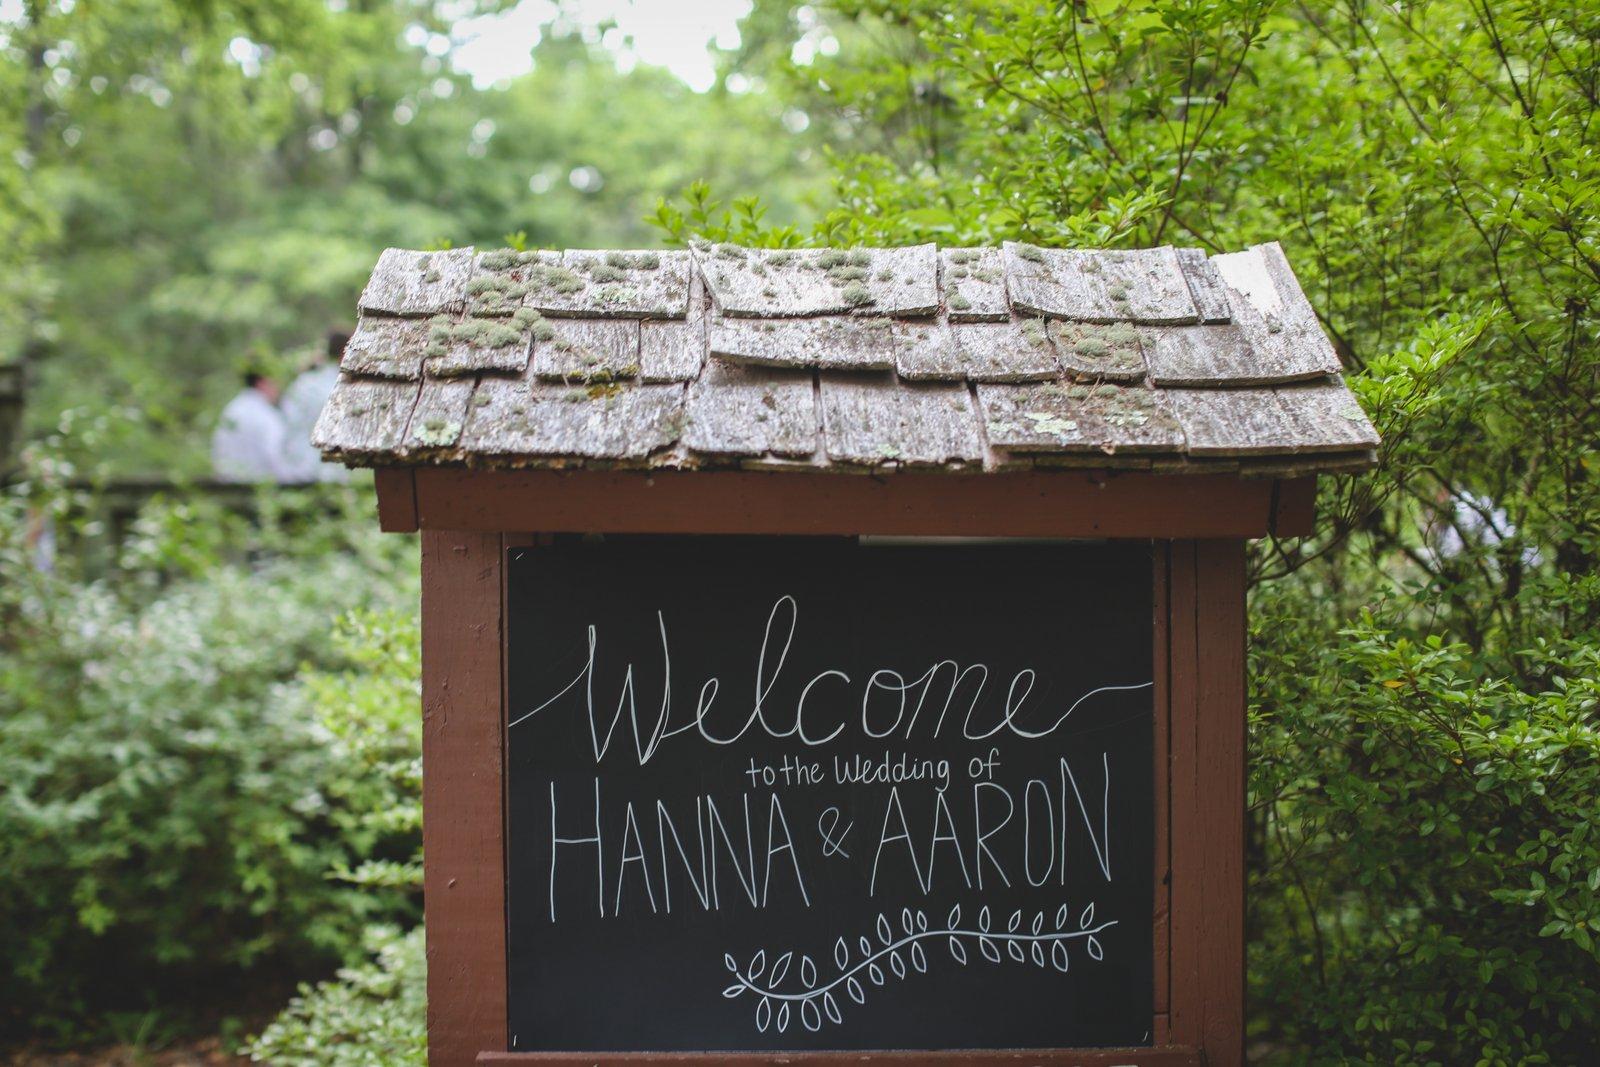 AaronHanna-ceremony-1-12.jpg